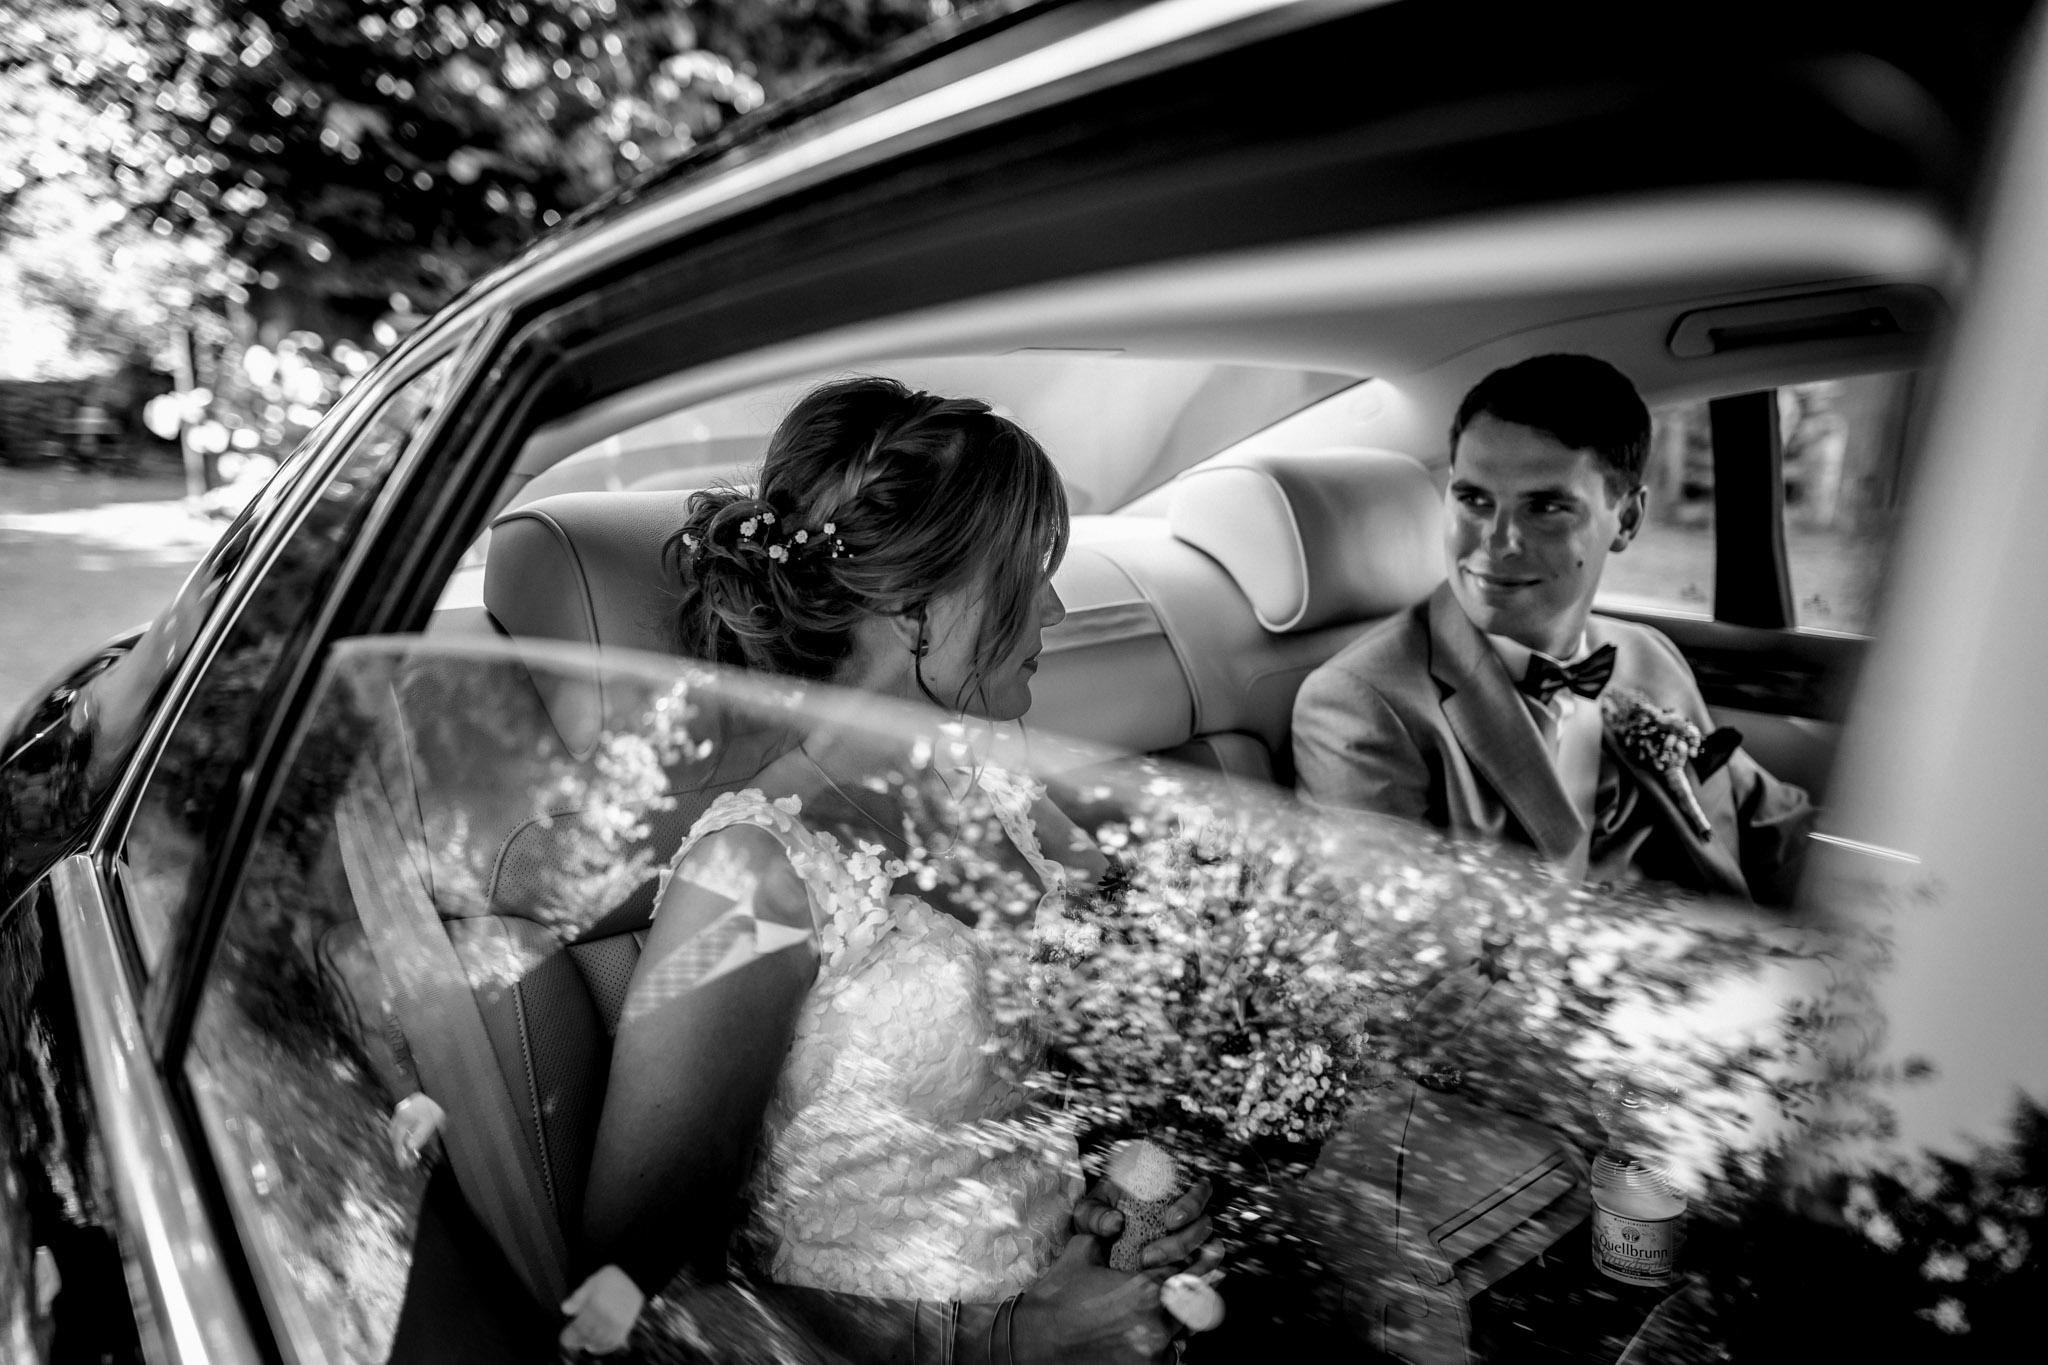 Sven Schomburg Hochzeitsfotografie, Hamburg, Mölln, Hochzeitsfieber by Photo-Schomburg, Hochzeitsreportage, Forsthaus Waldhusen, Braut, Bräutigam-58